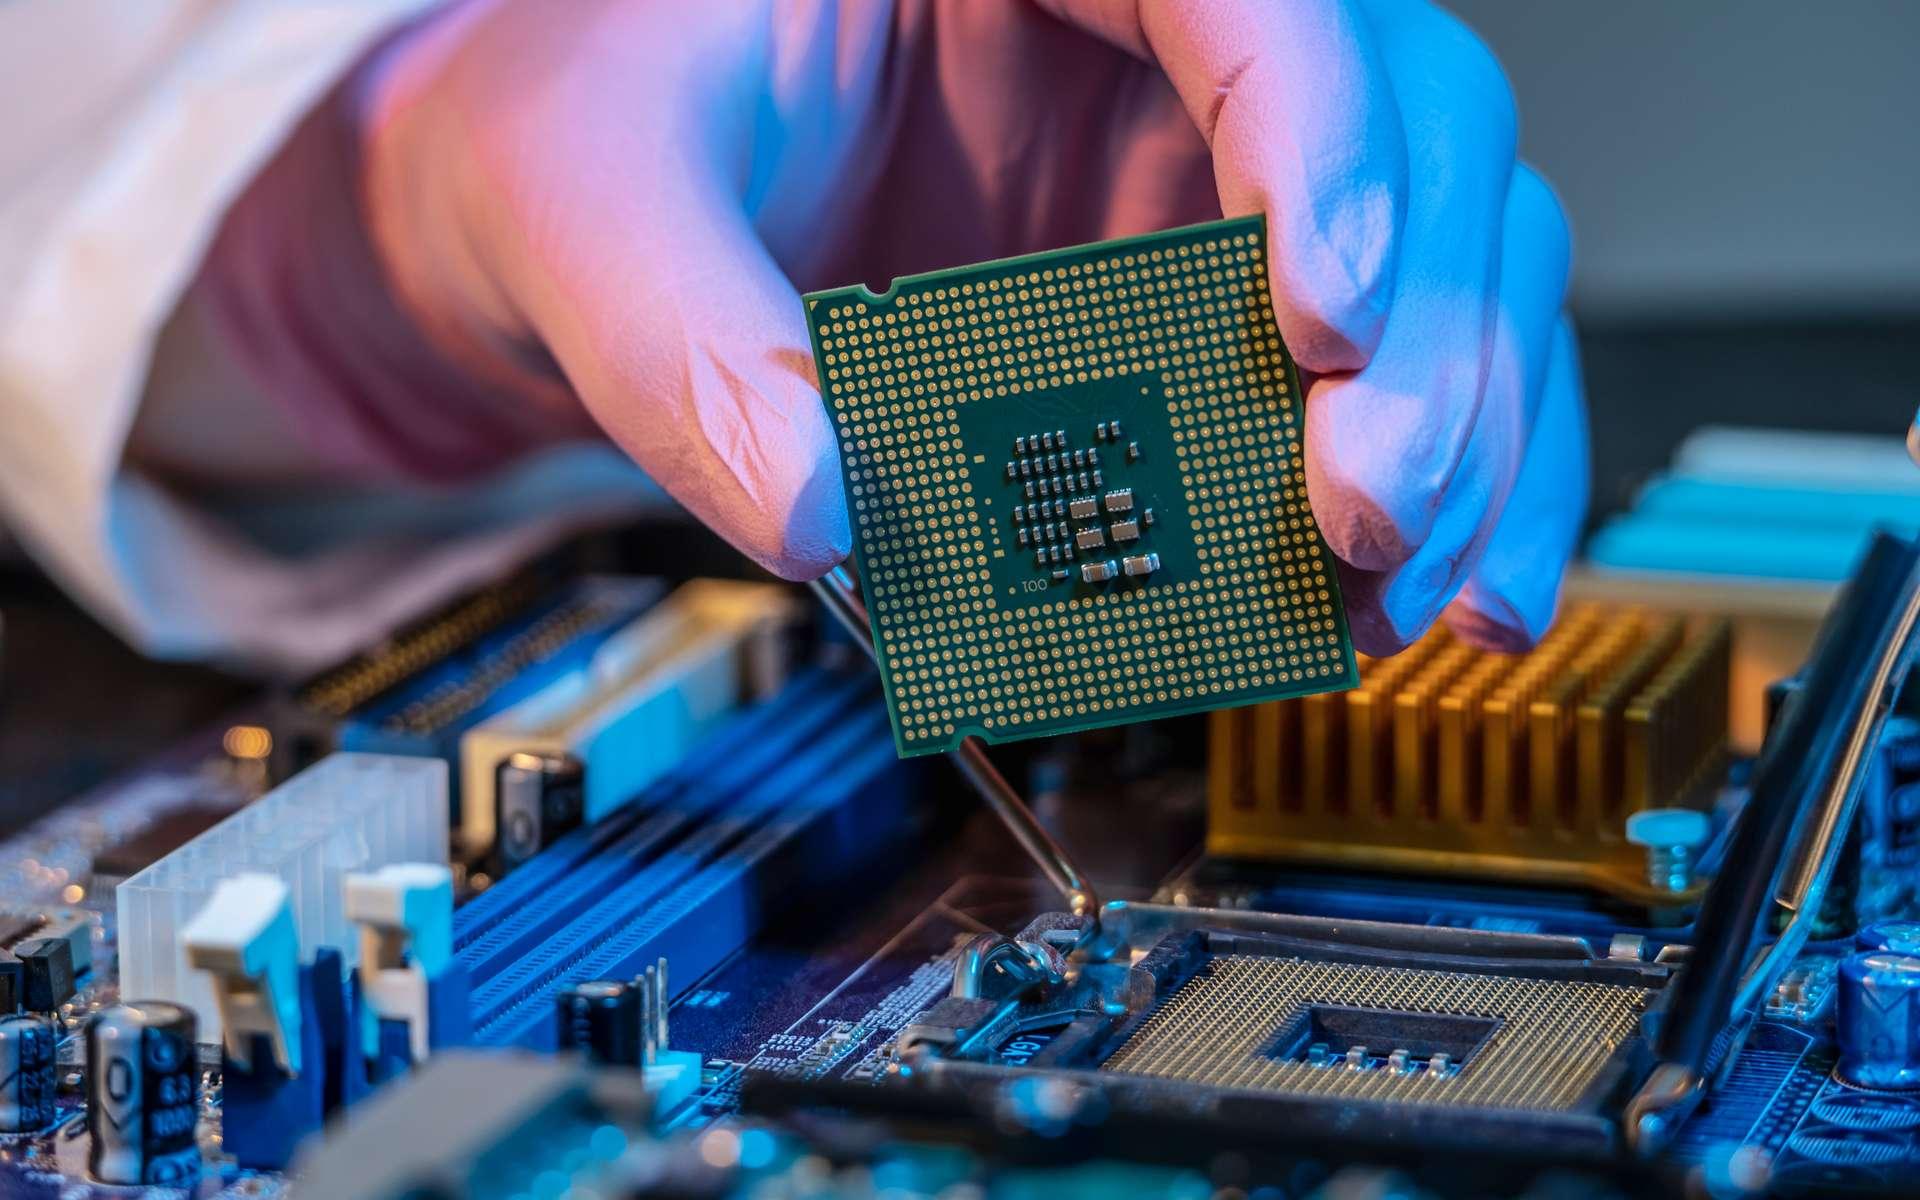 Le microprocesseur de Marcian Hoff et Federico Faggin a révolutionné l'informatique. © Yaca2671, CC BY-SA 3.0, Wikimedia Commons